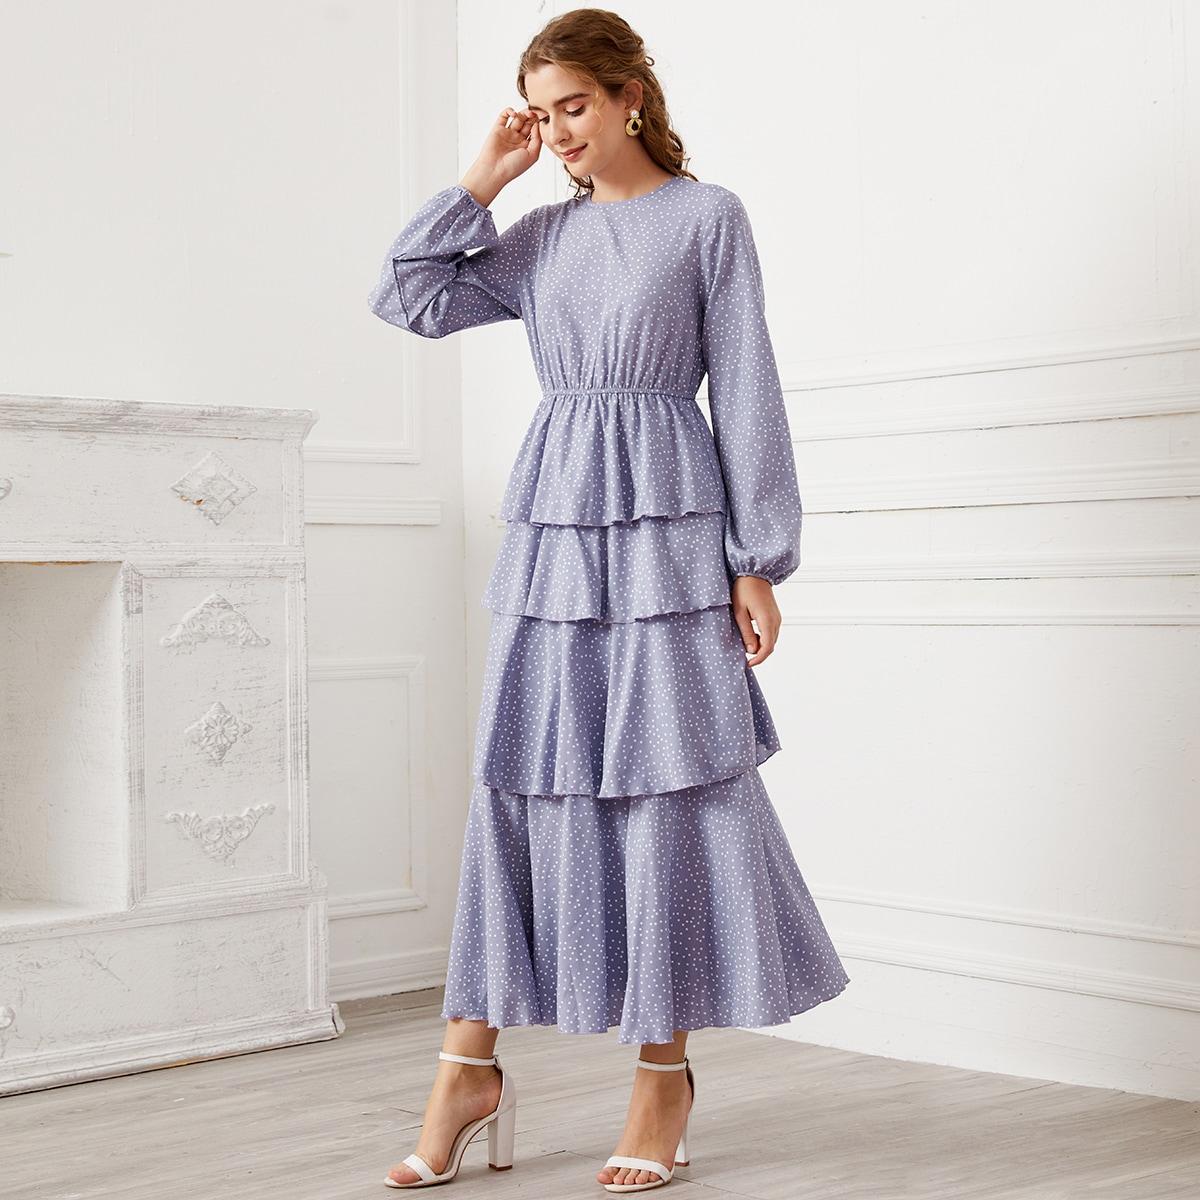 Платье с далматинским принтом по цене 1 580